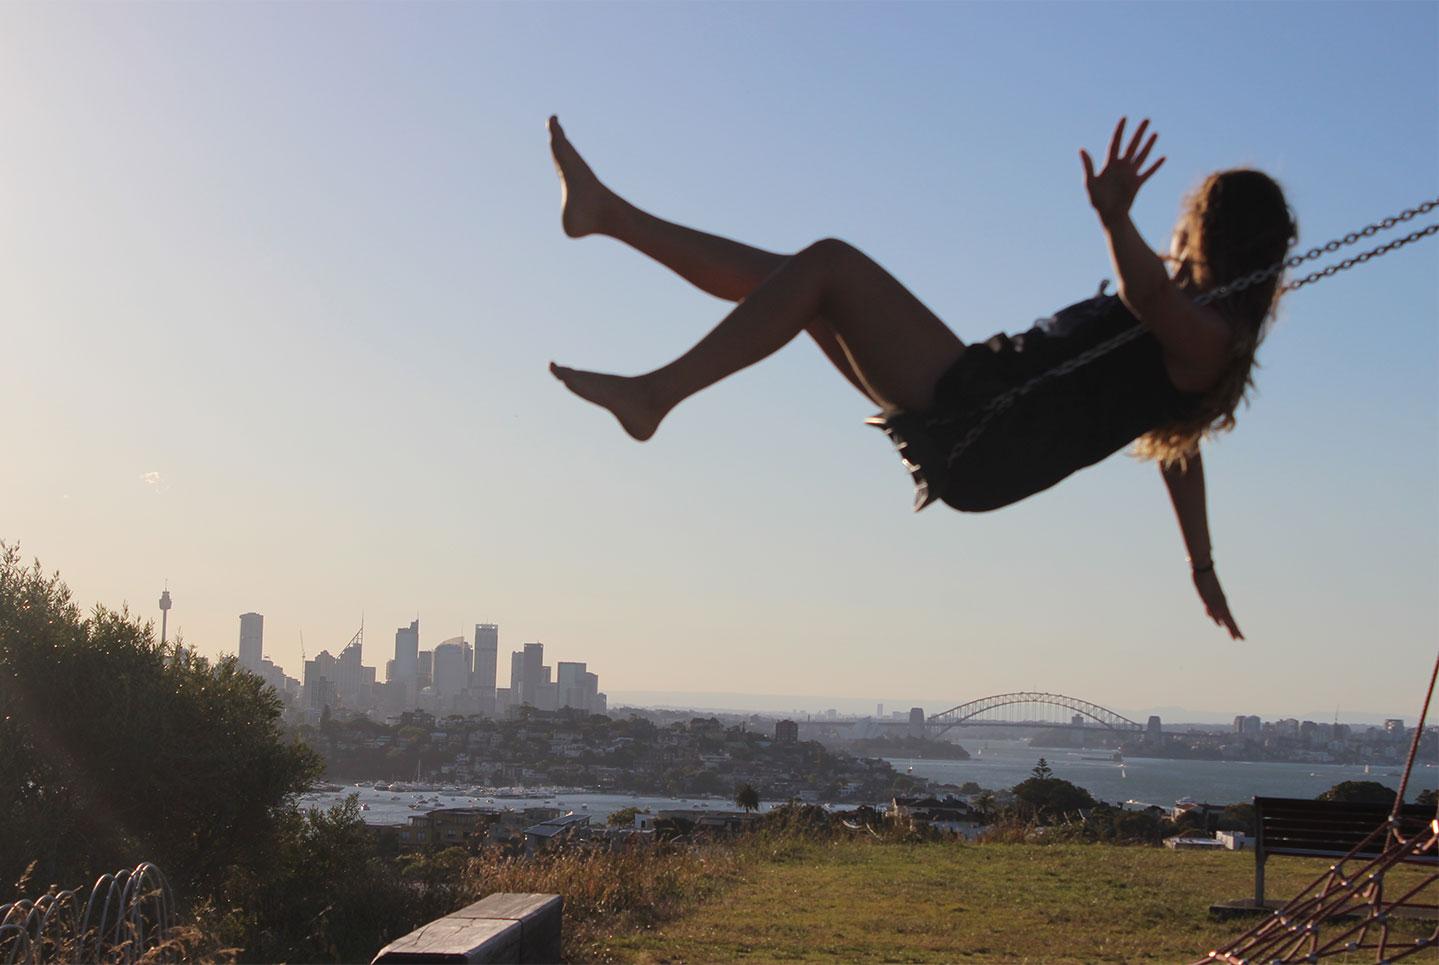 Rundreise Australien Erfahrungsberichte